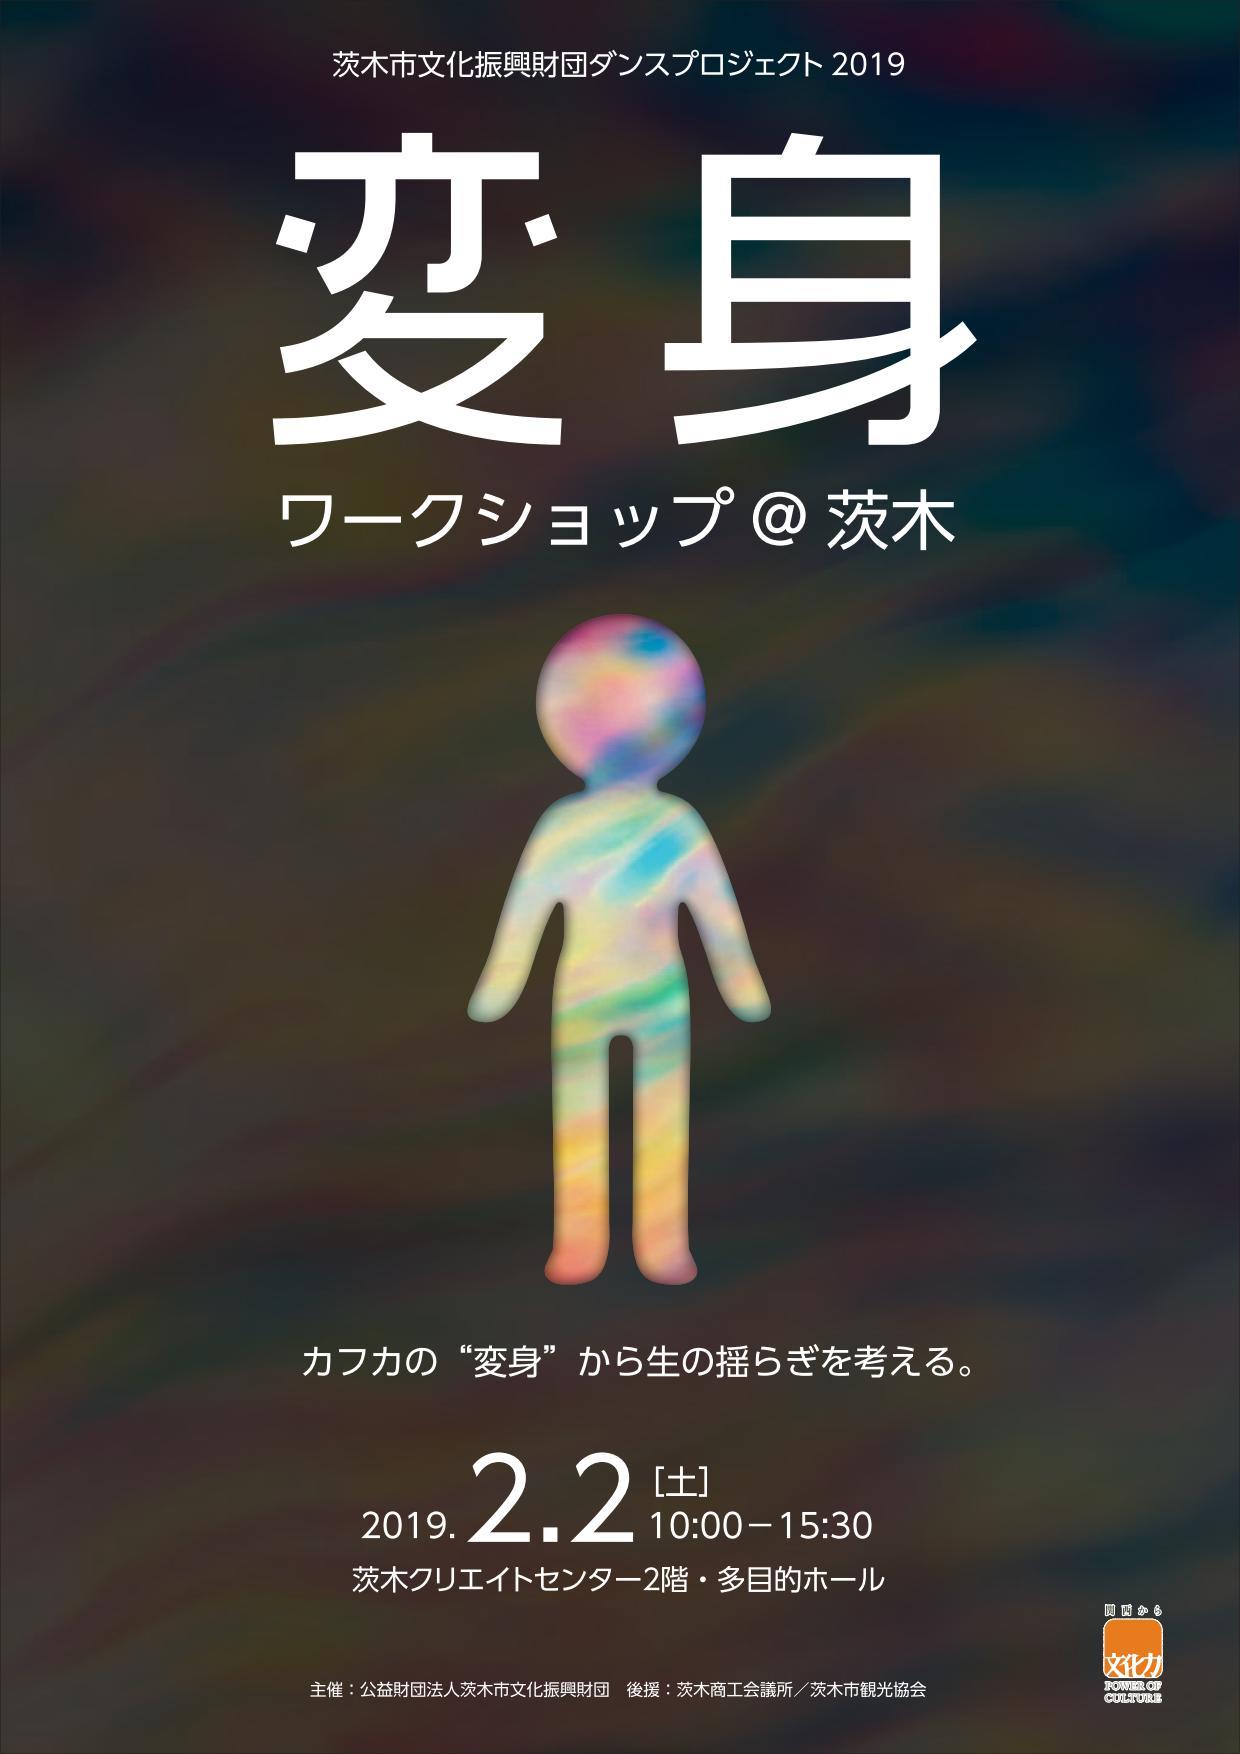 【完売御礼!】「変身」ワークショップ@茨木